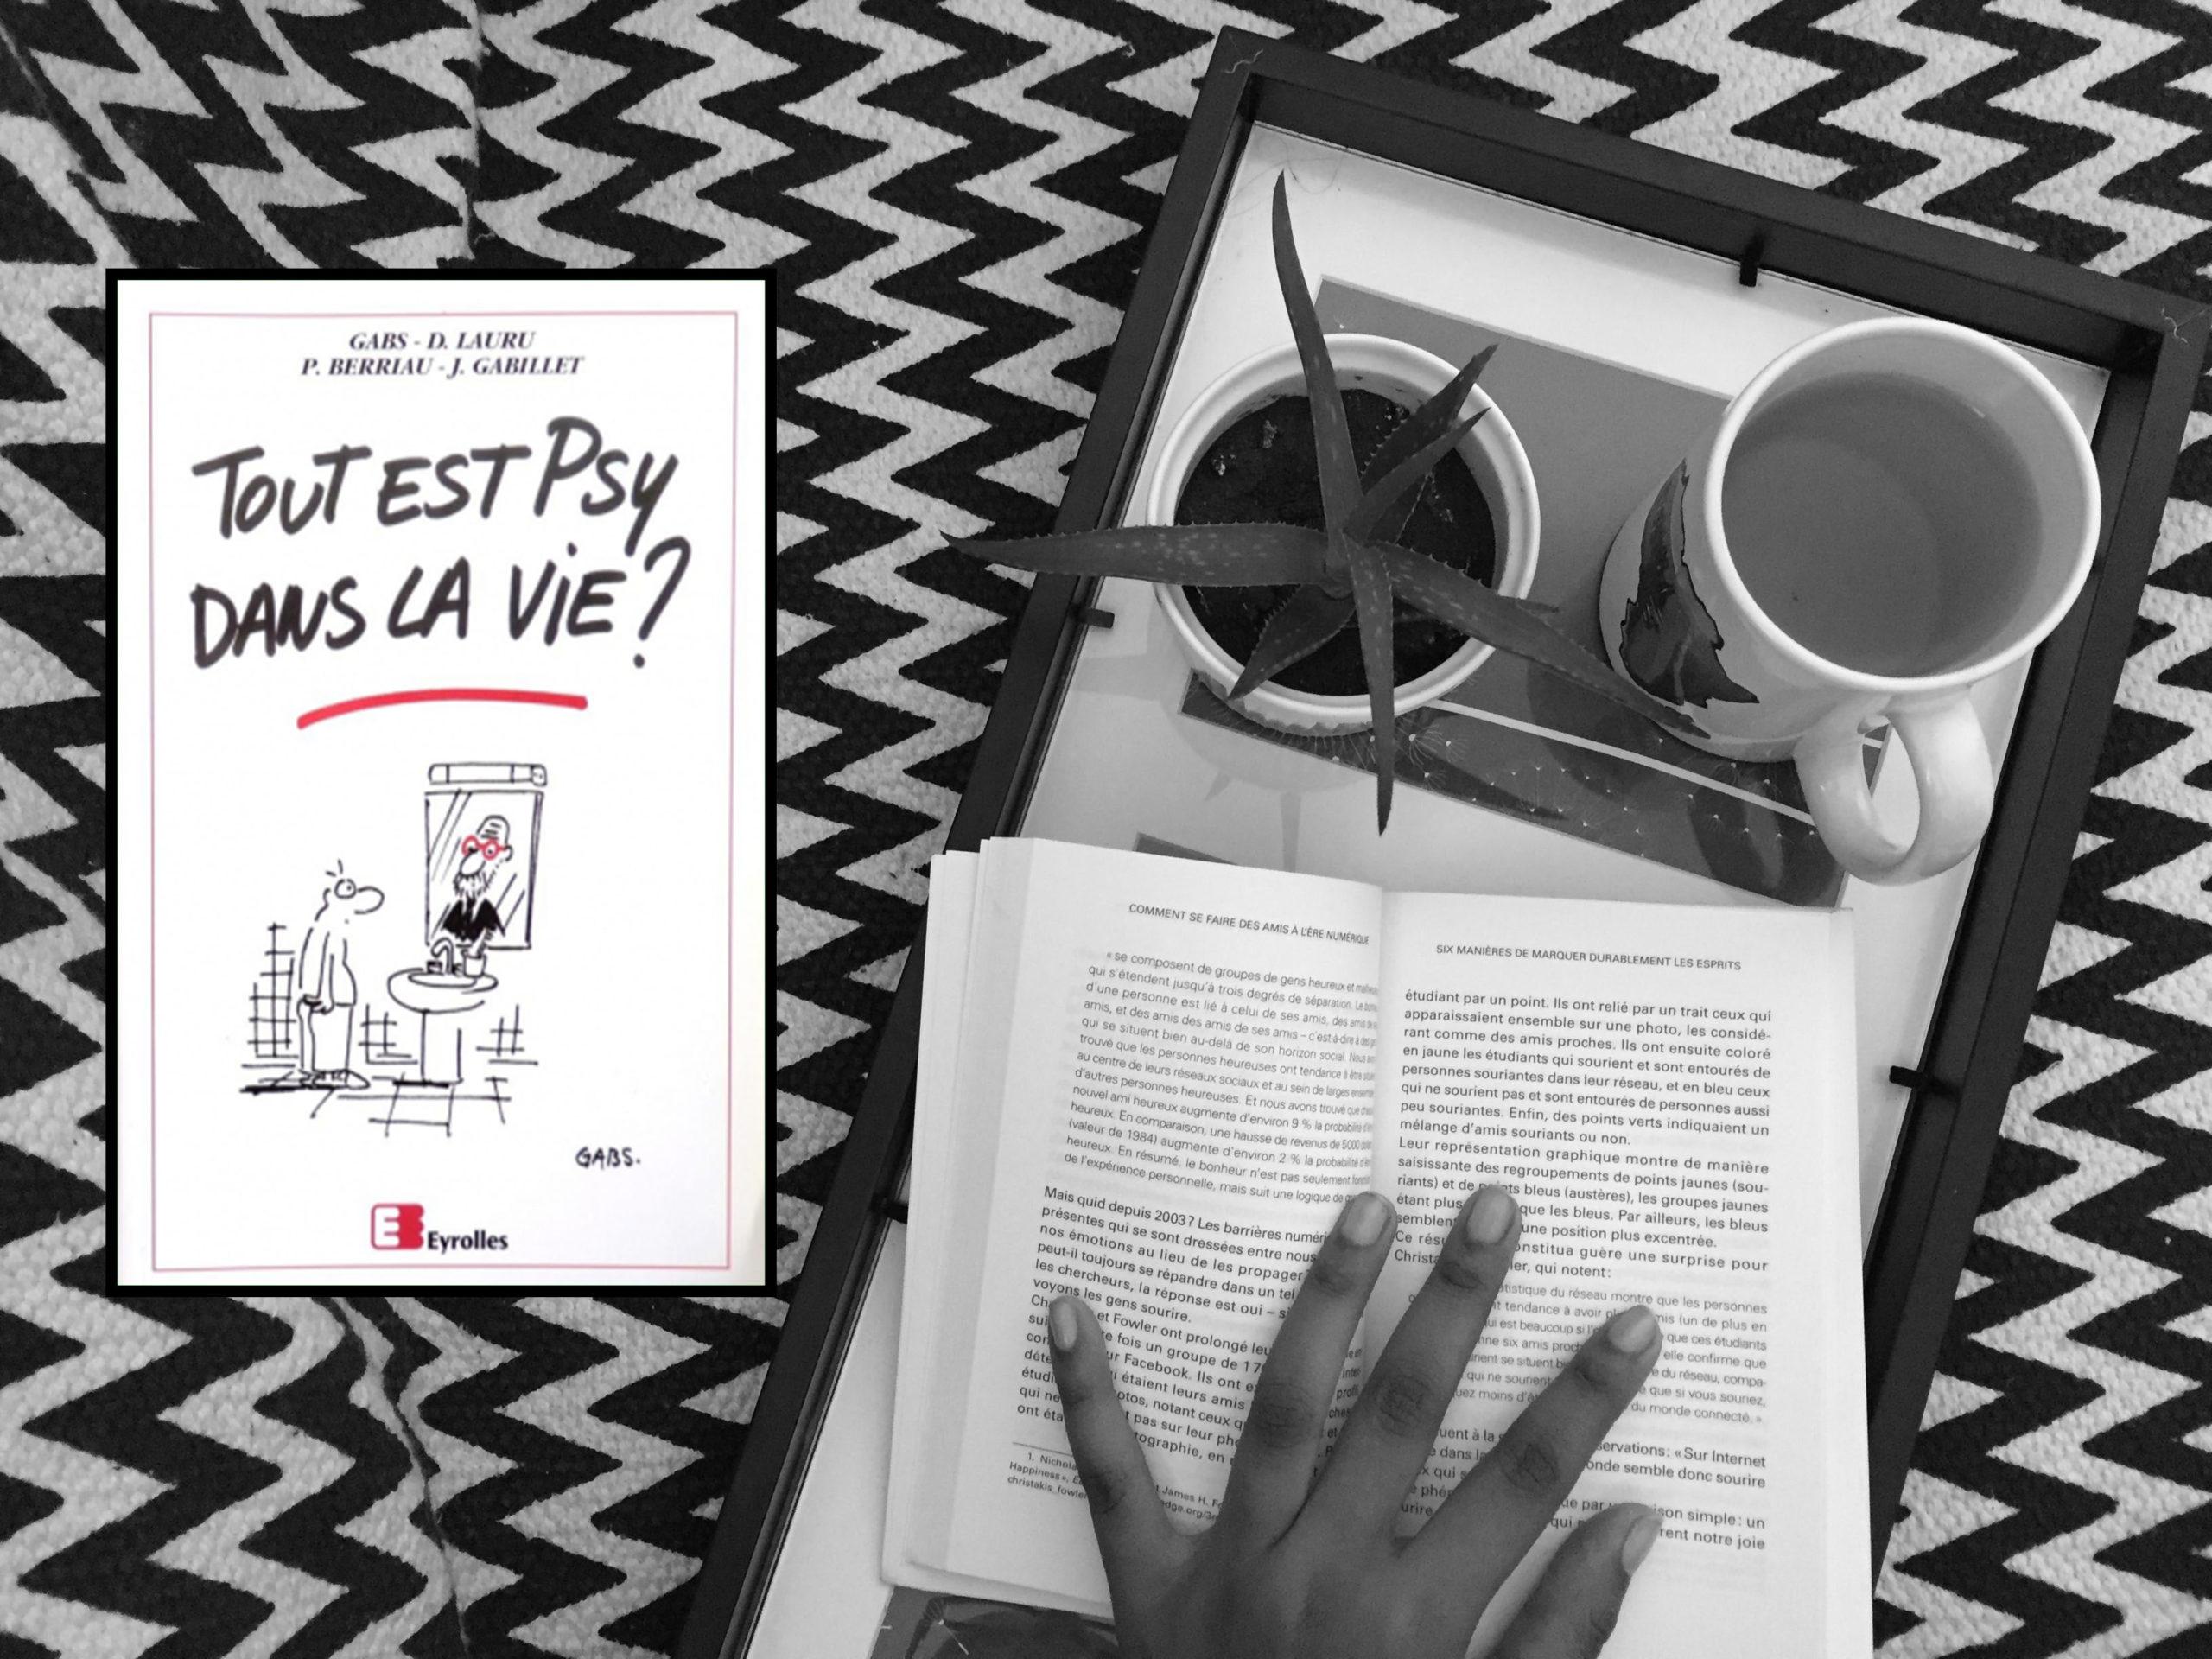 Tout est psy dans la vie : un livre d'humour qui fait méditer